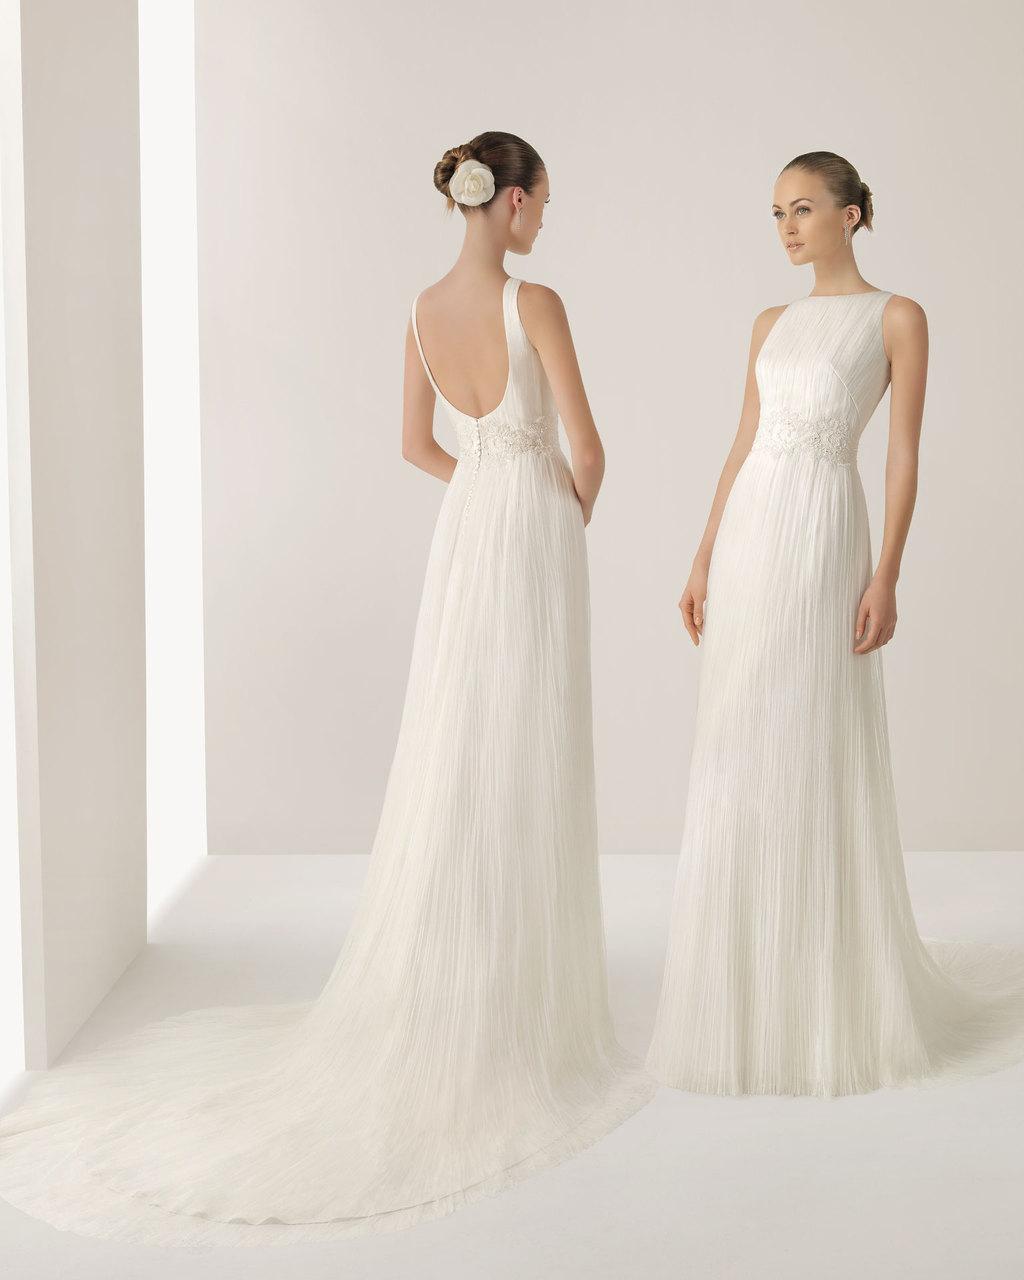 2013 wedding dress Soft by Rosa Clara bridal gowns Jordan